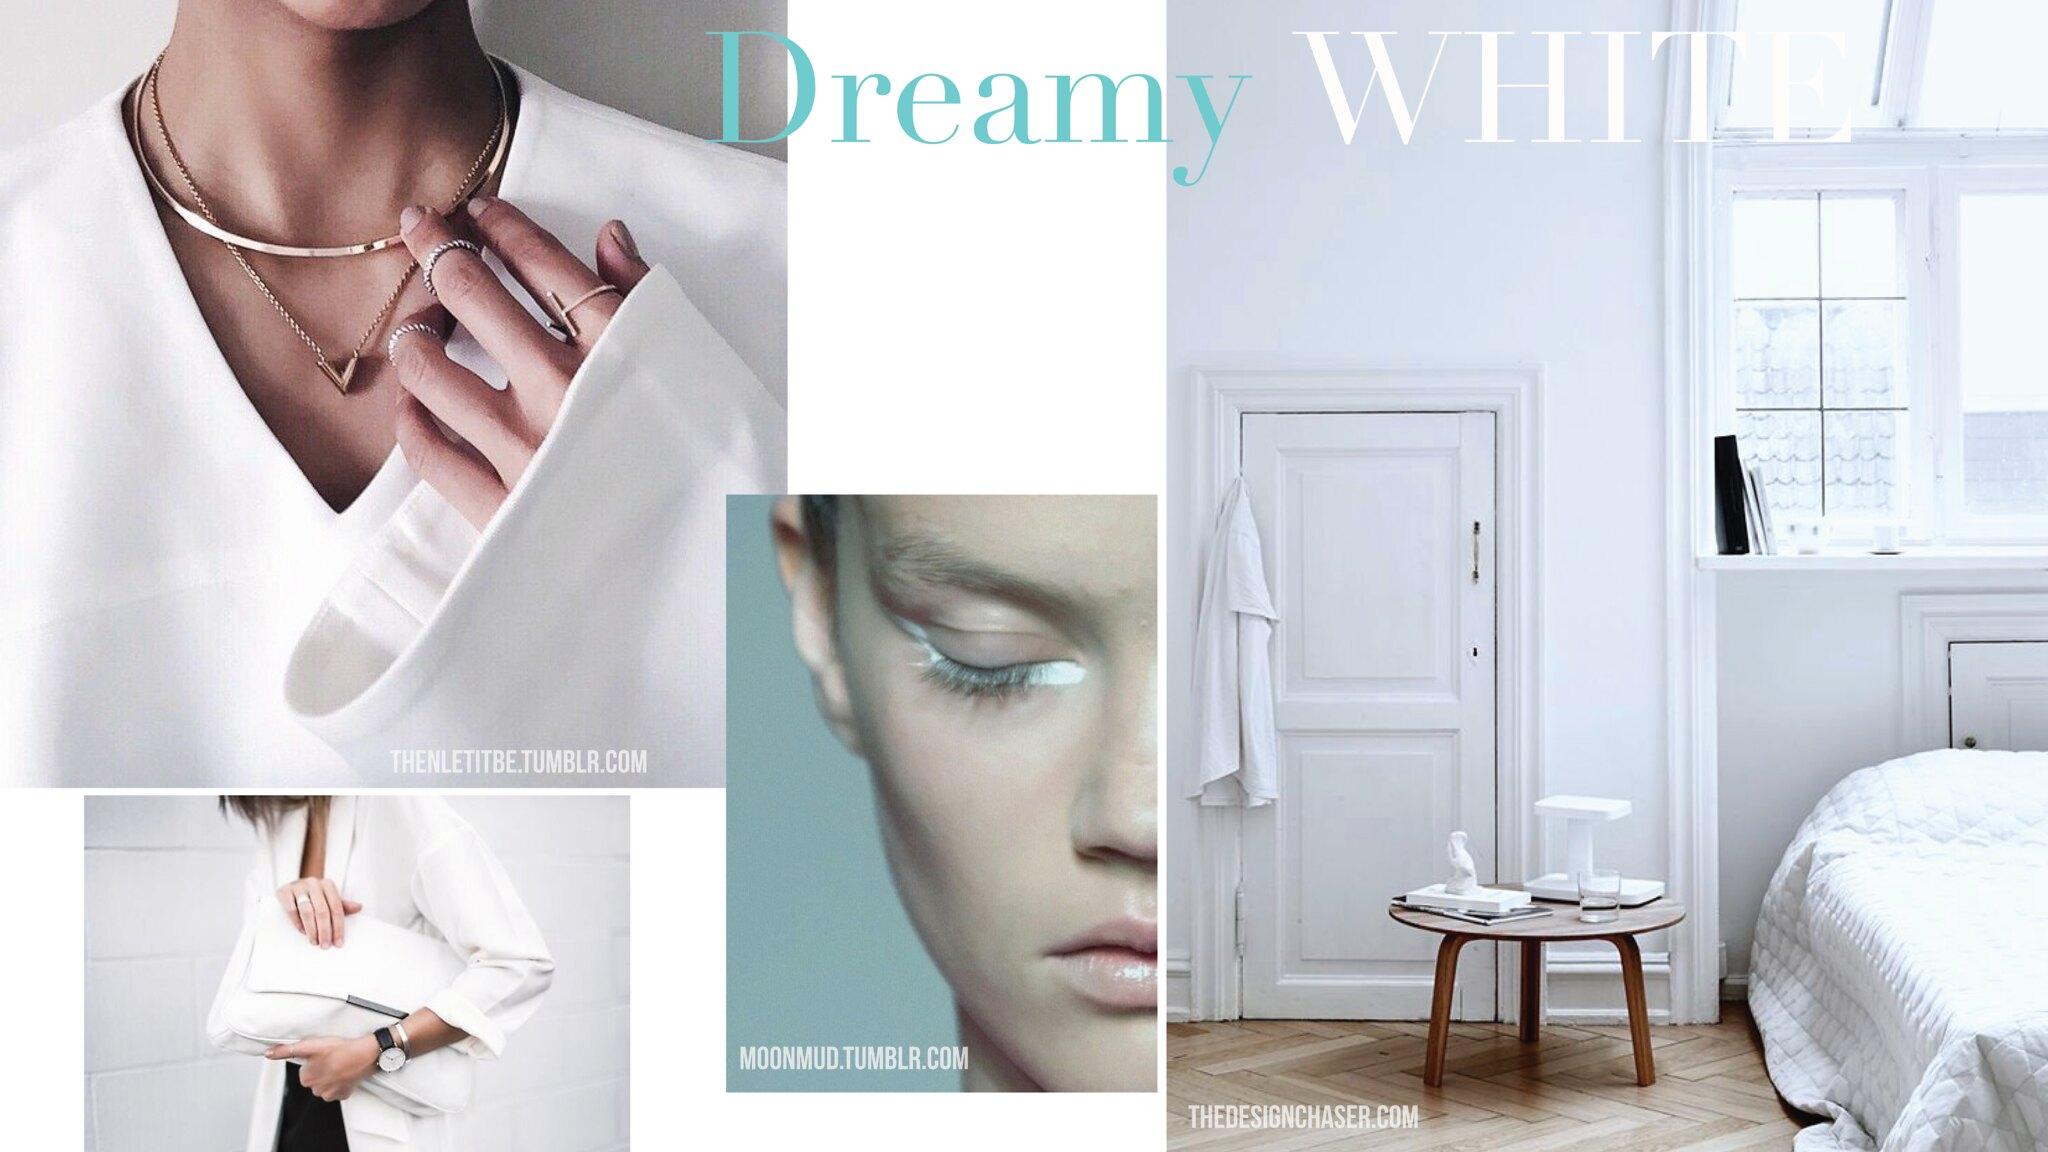 lumi dreamy white